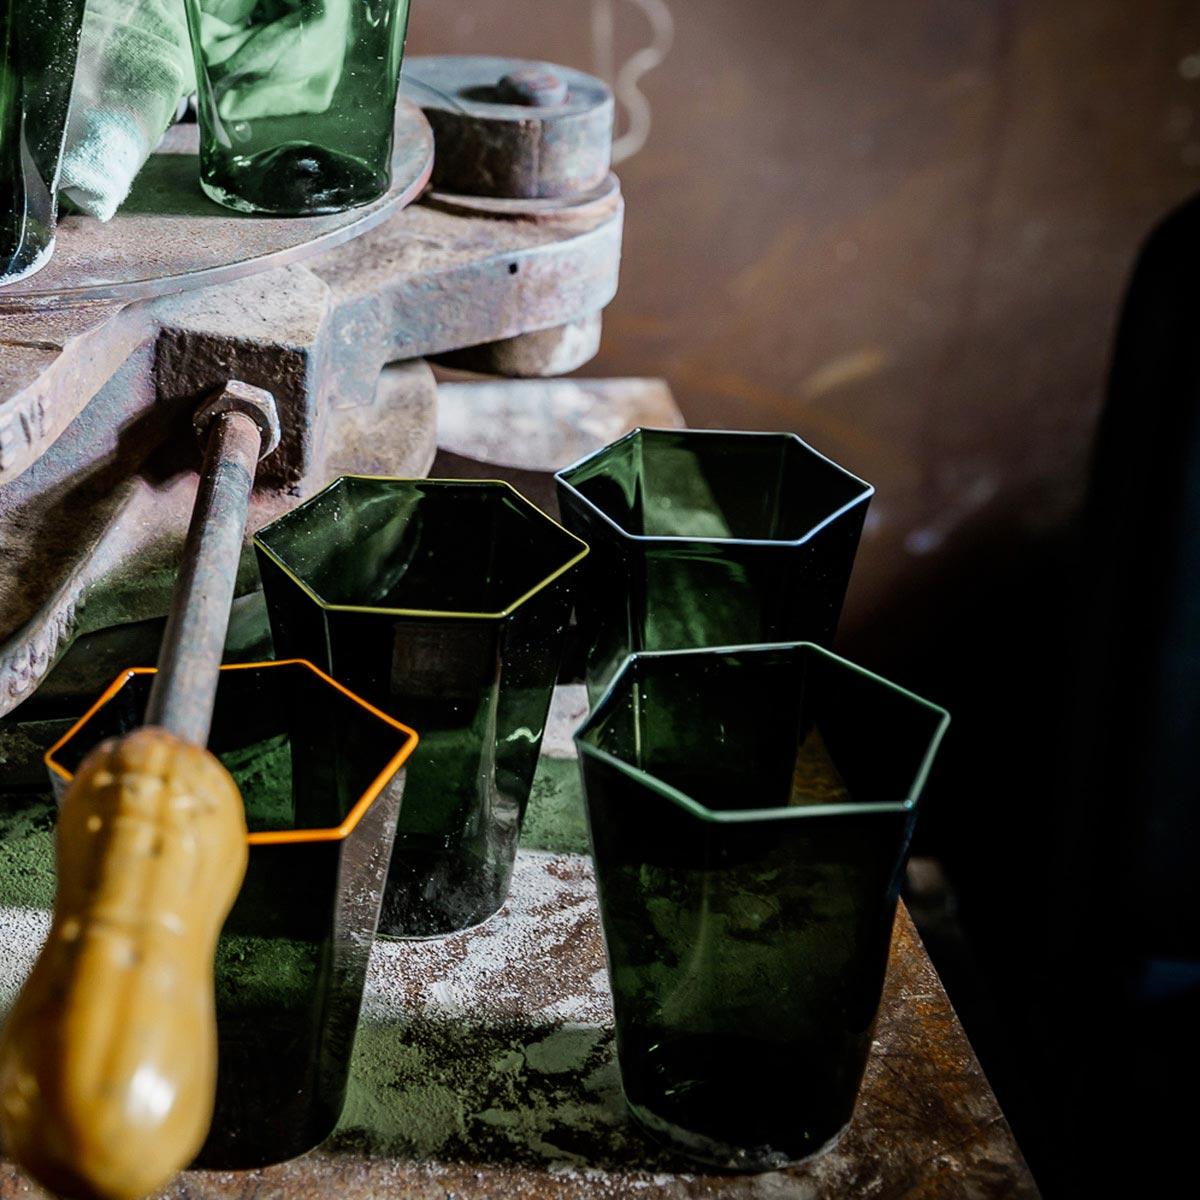 laguna-glass-green-green-rim-giberto-handmade-murano-water